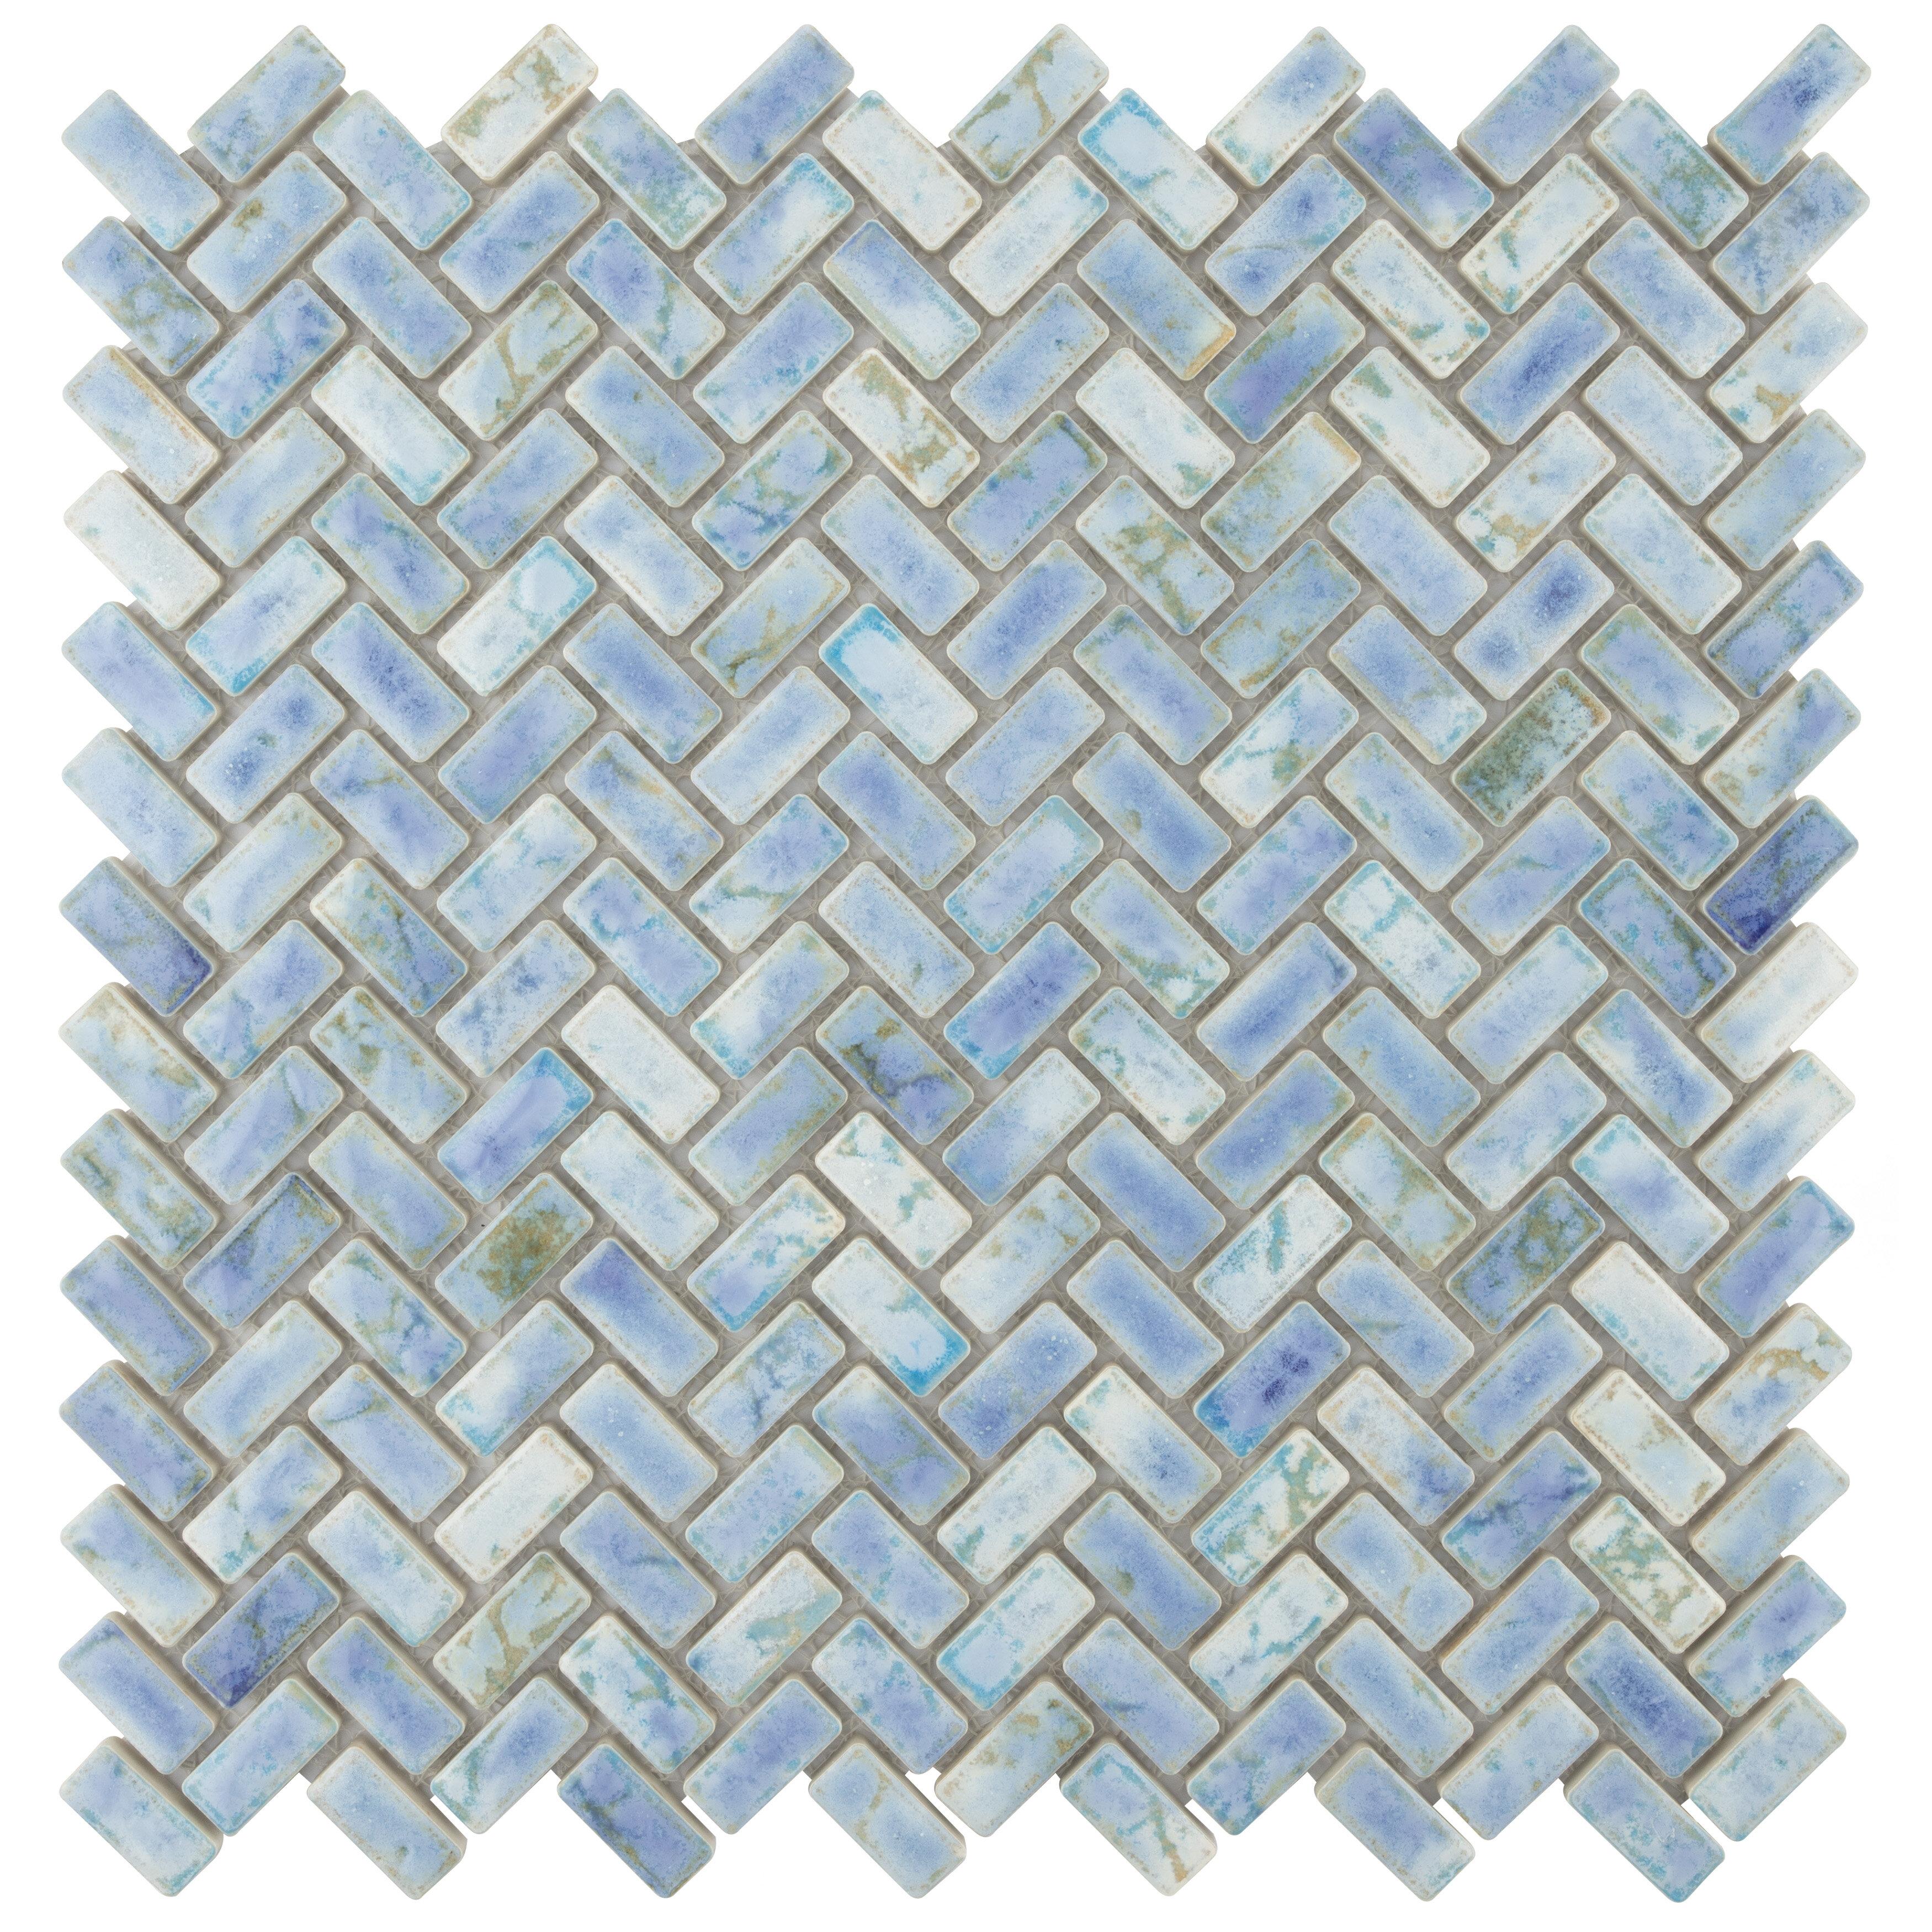 X 1 05 Porcelain Mosaic Tile